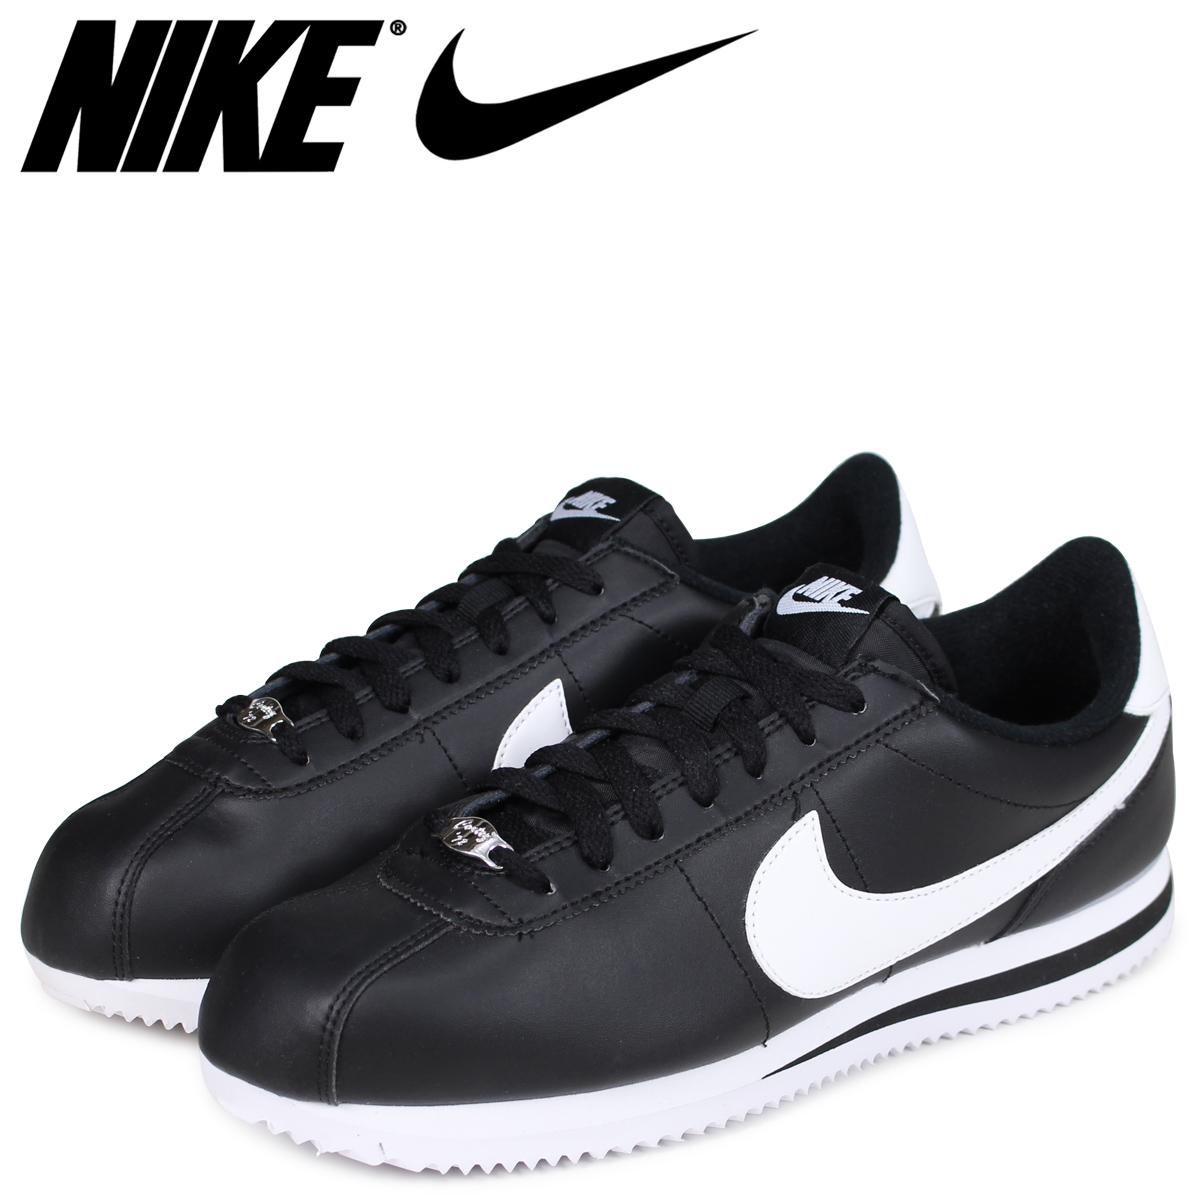 NIKE ナイキ コルテッツ スニーカー CORTEZ BASIC LEATHER 819719-012 メンズ 靴 ブラック [7/19 追加入荷] 【決算セール 返品不可】